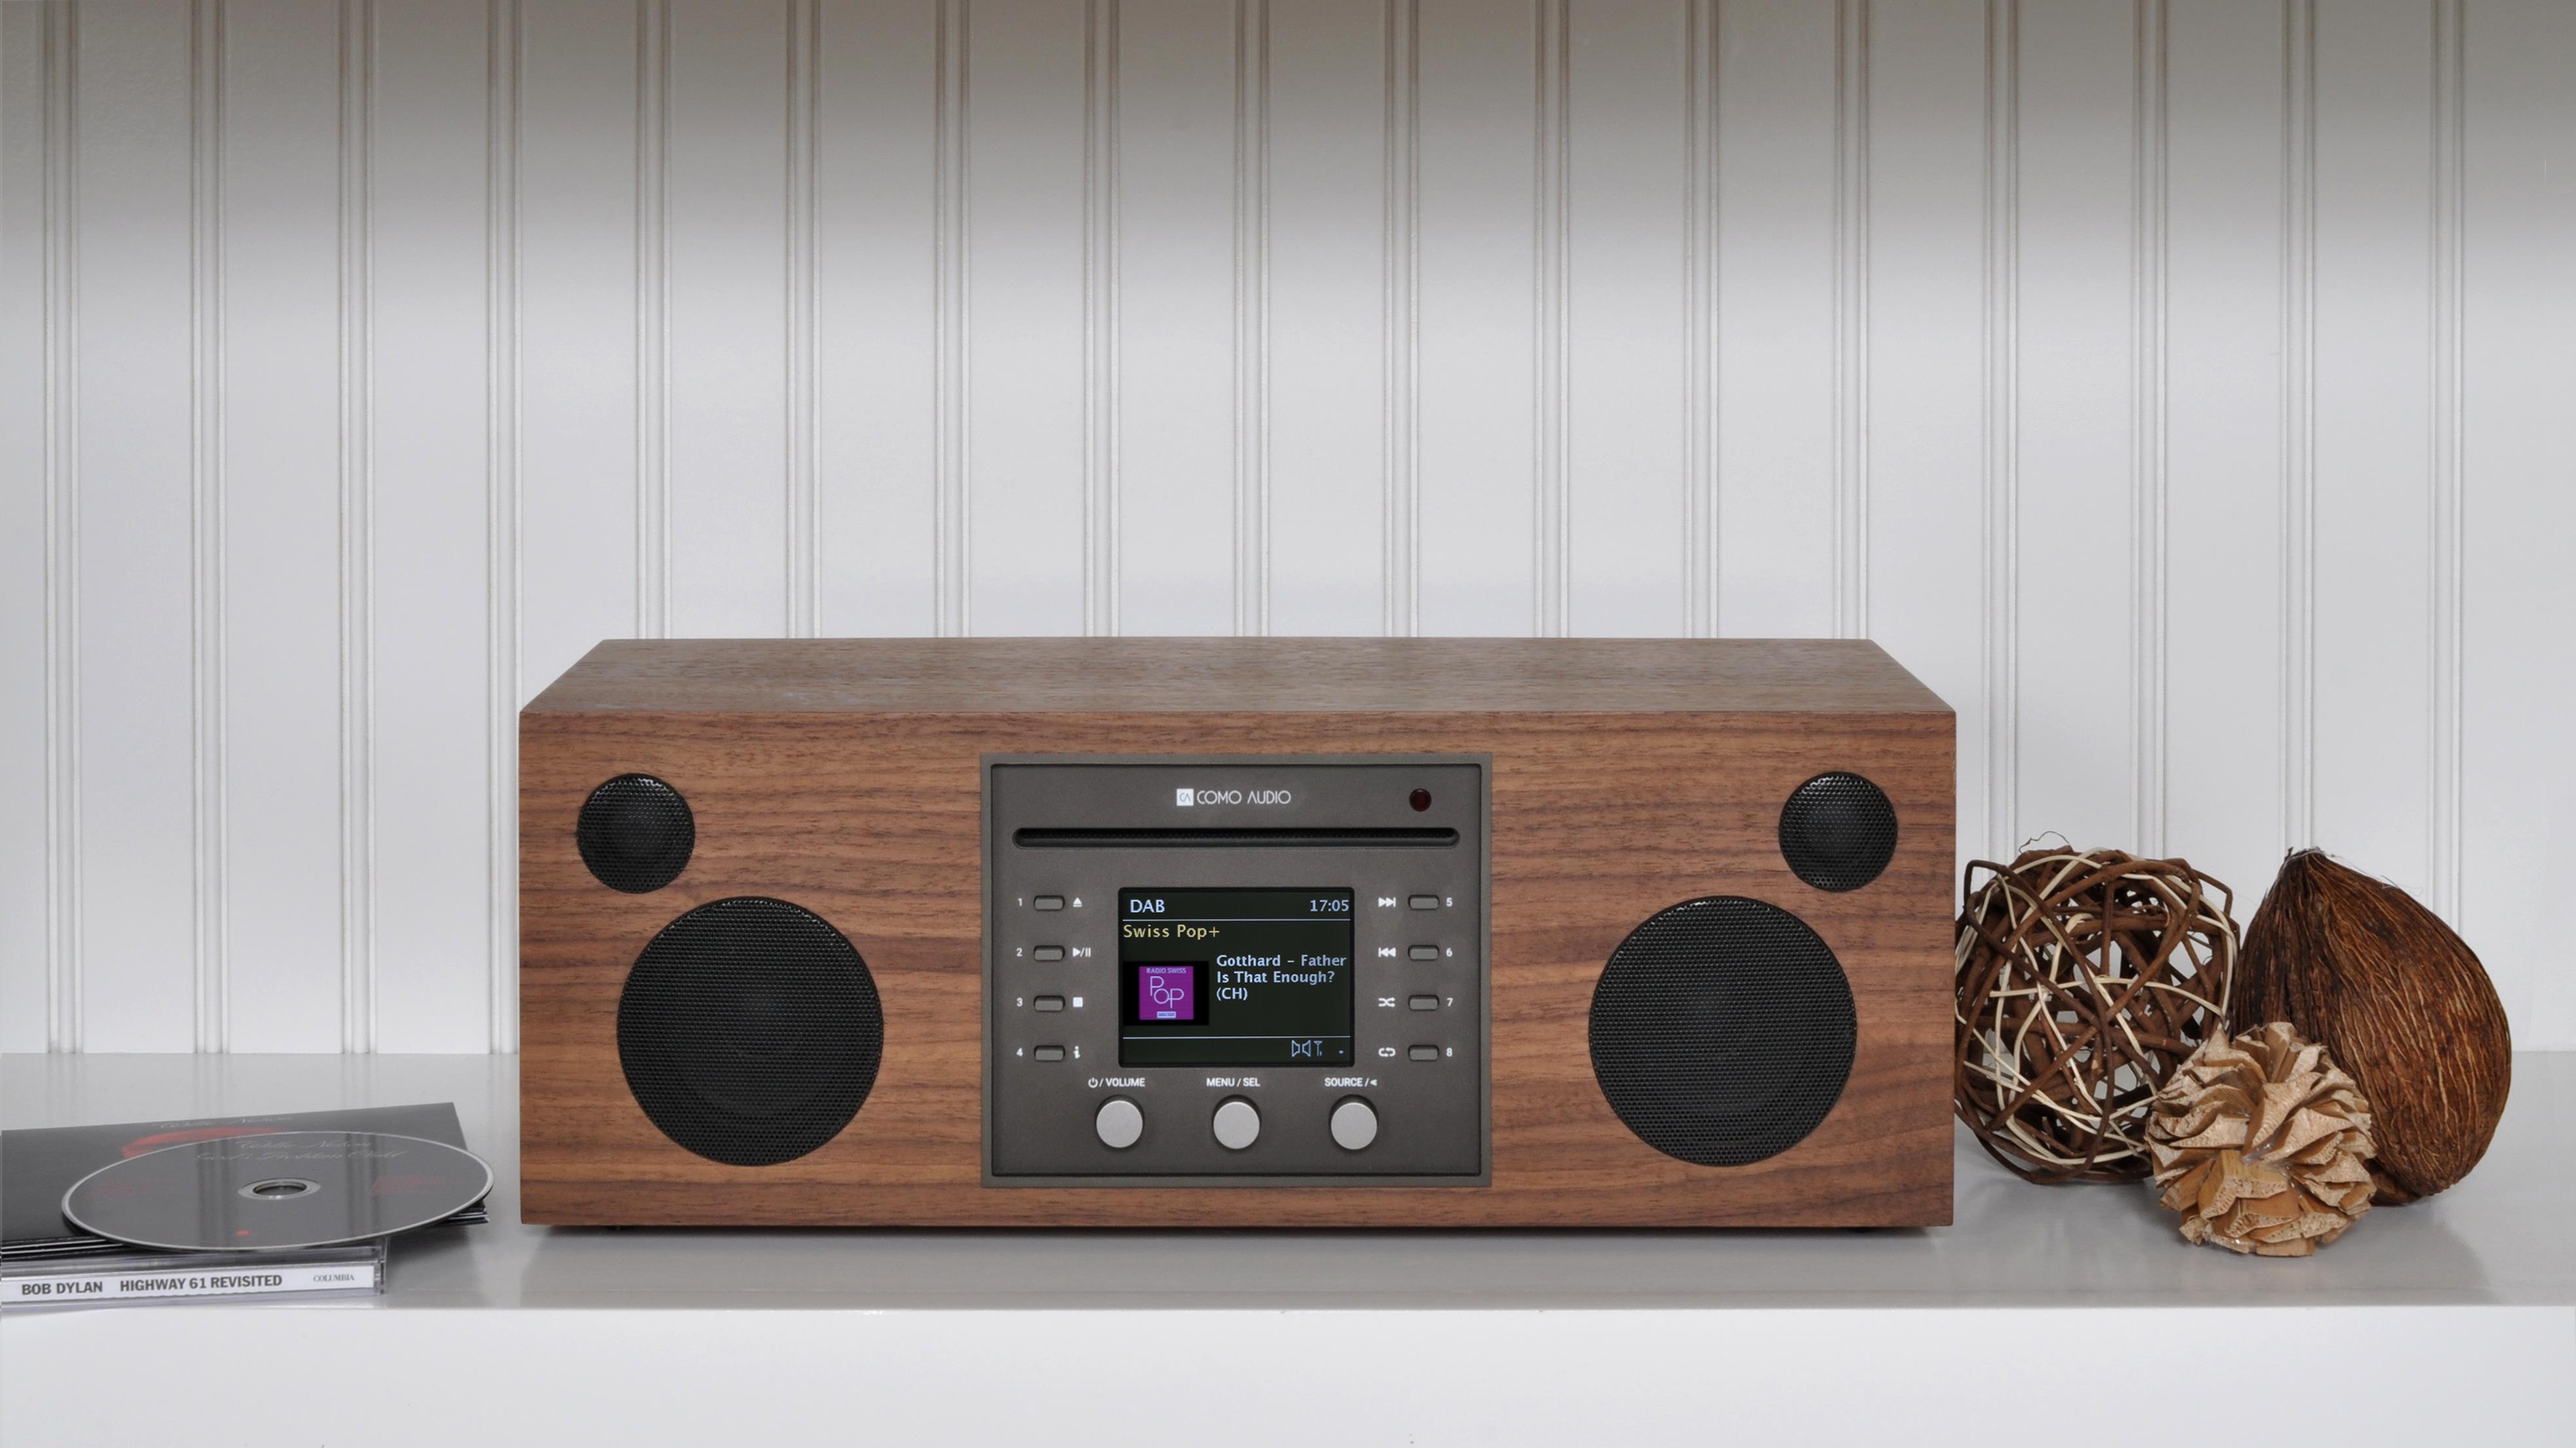 Como Audio Musica CD/DAB Sound System (Walnut)